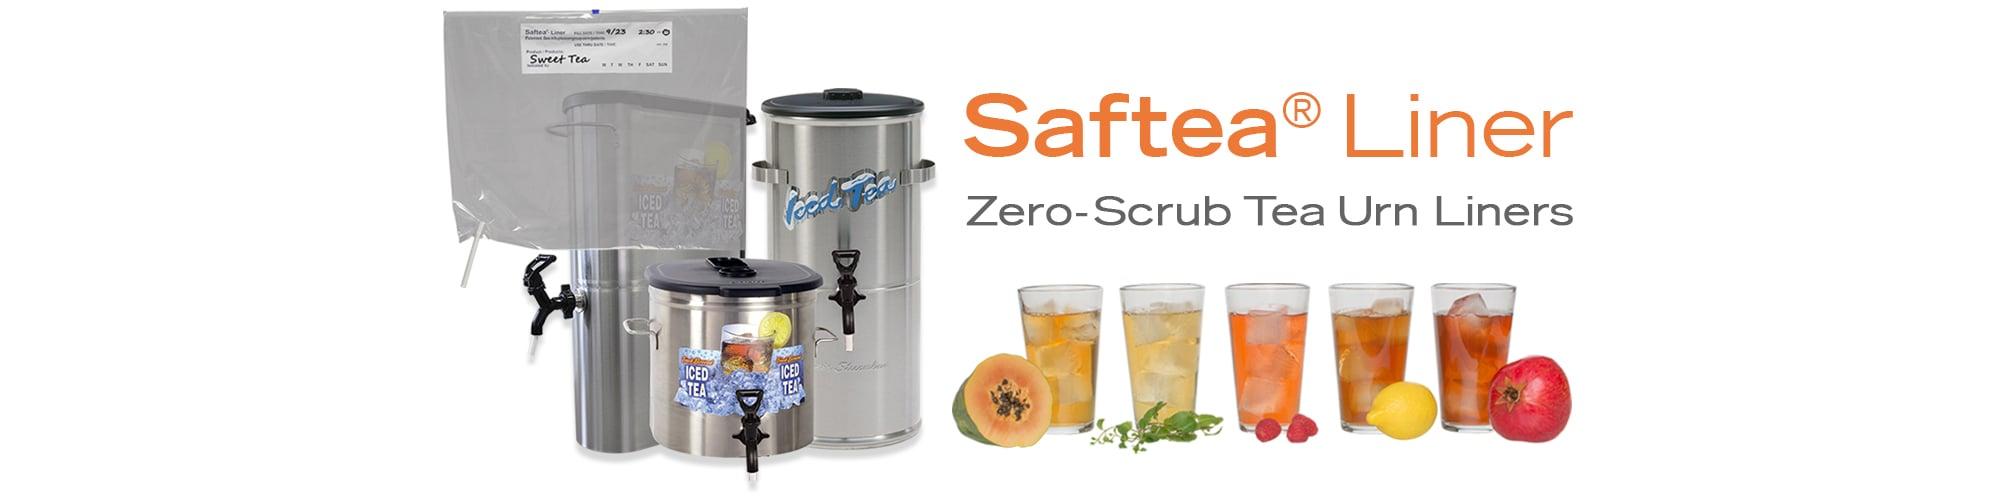 Saftea® Liner Zero Scrub Tea Urn Liners